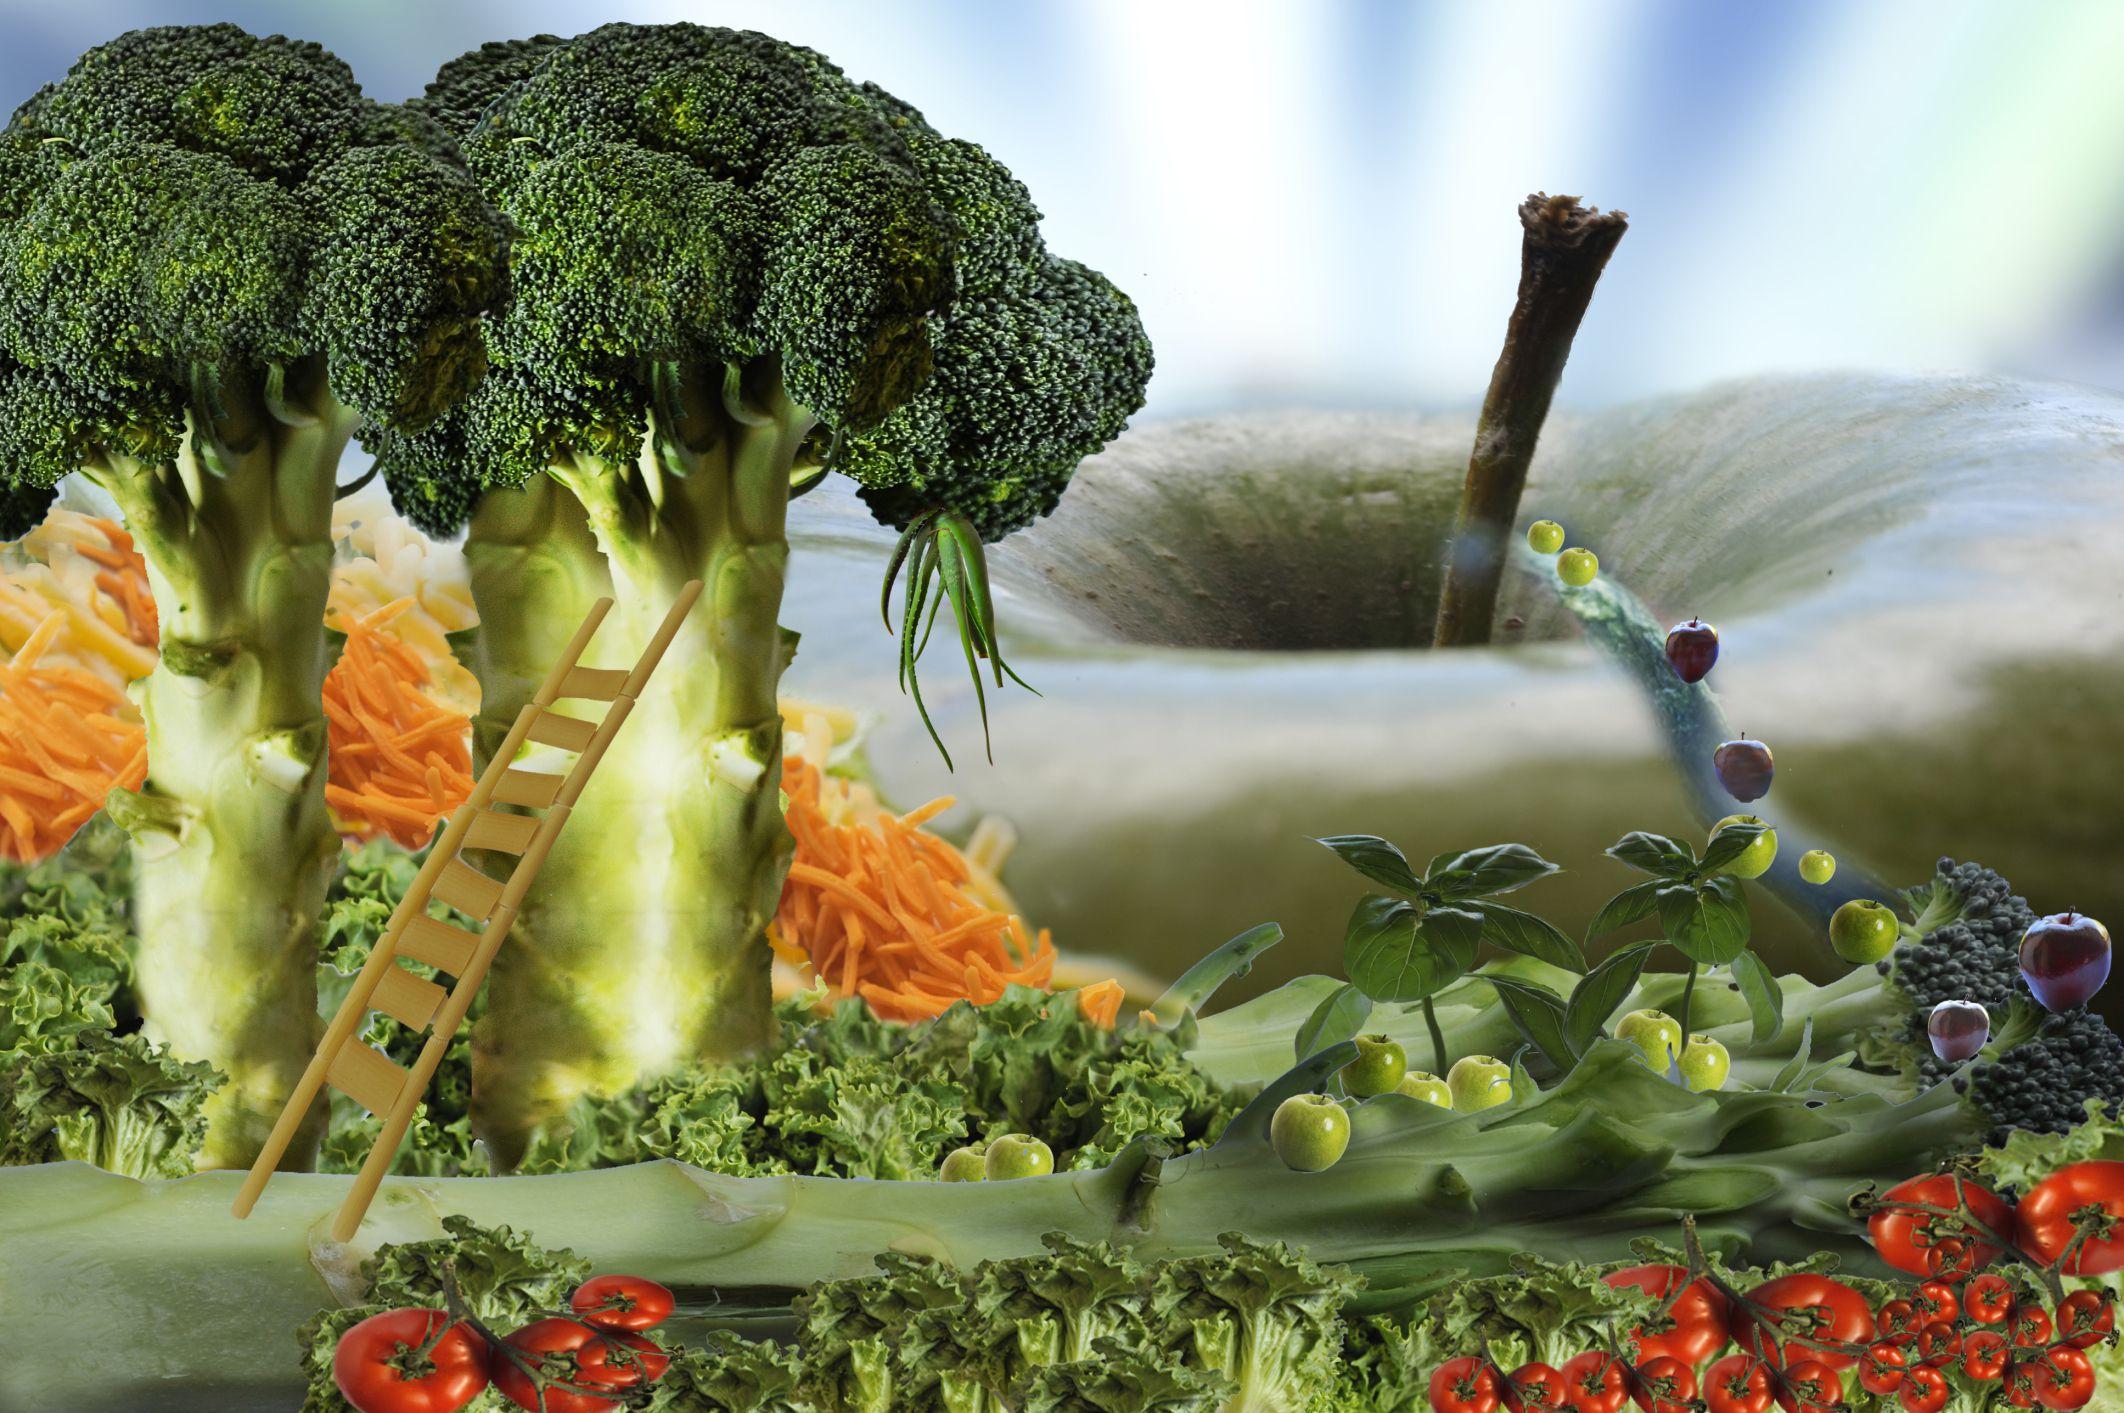 Alimentos que previenen el c ncer - Alimentos previenen cancer ...